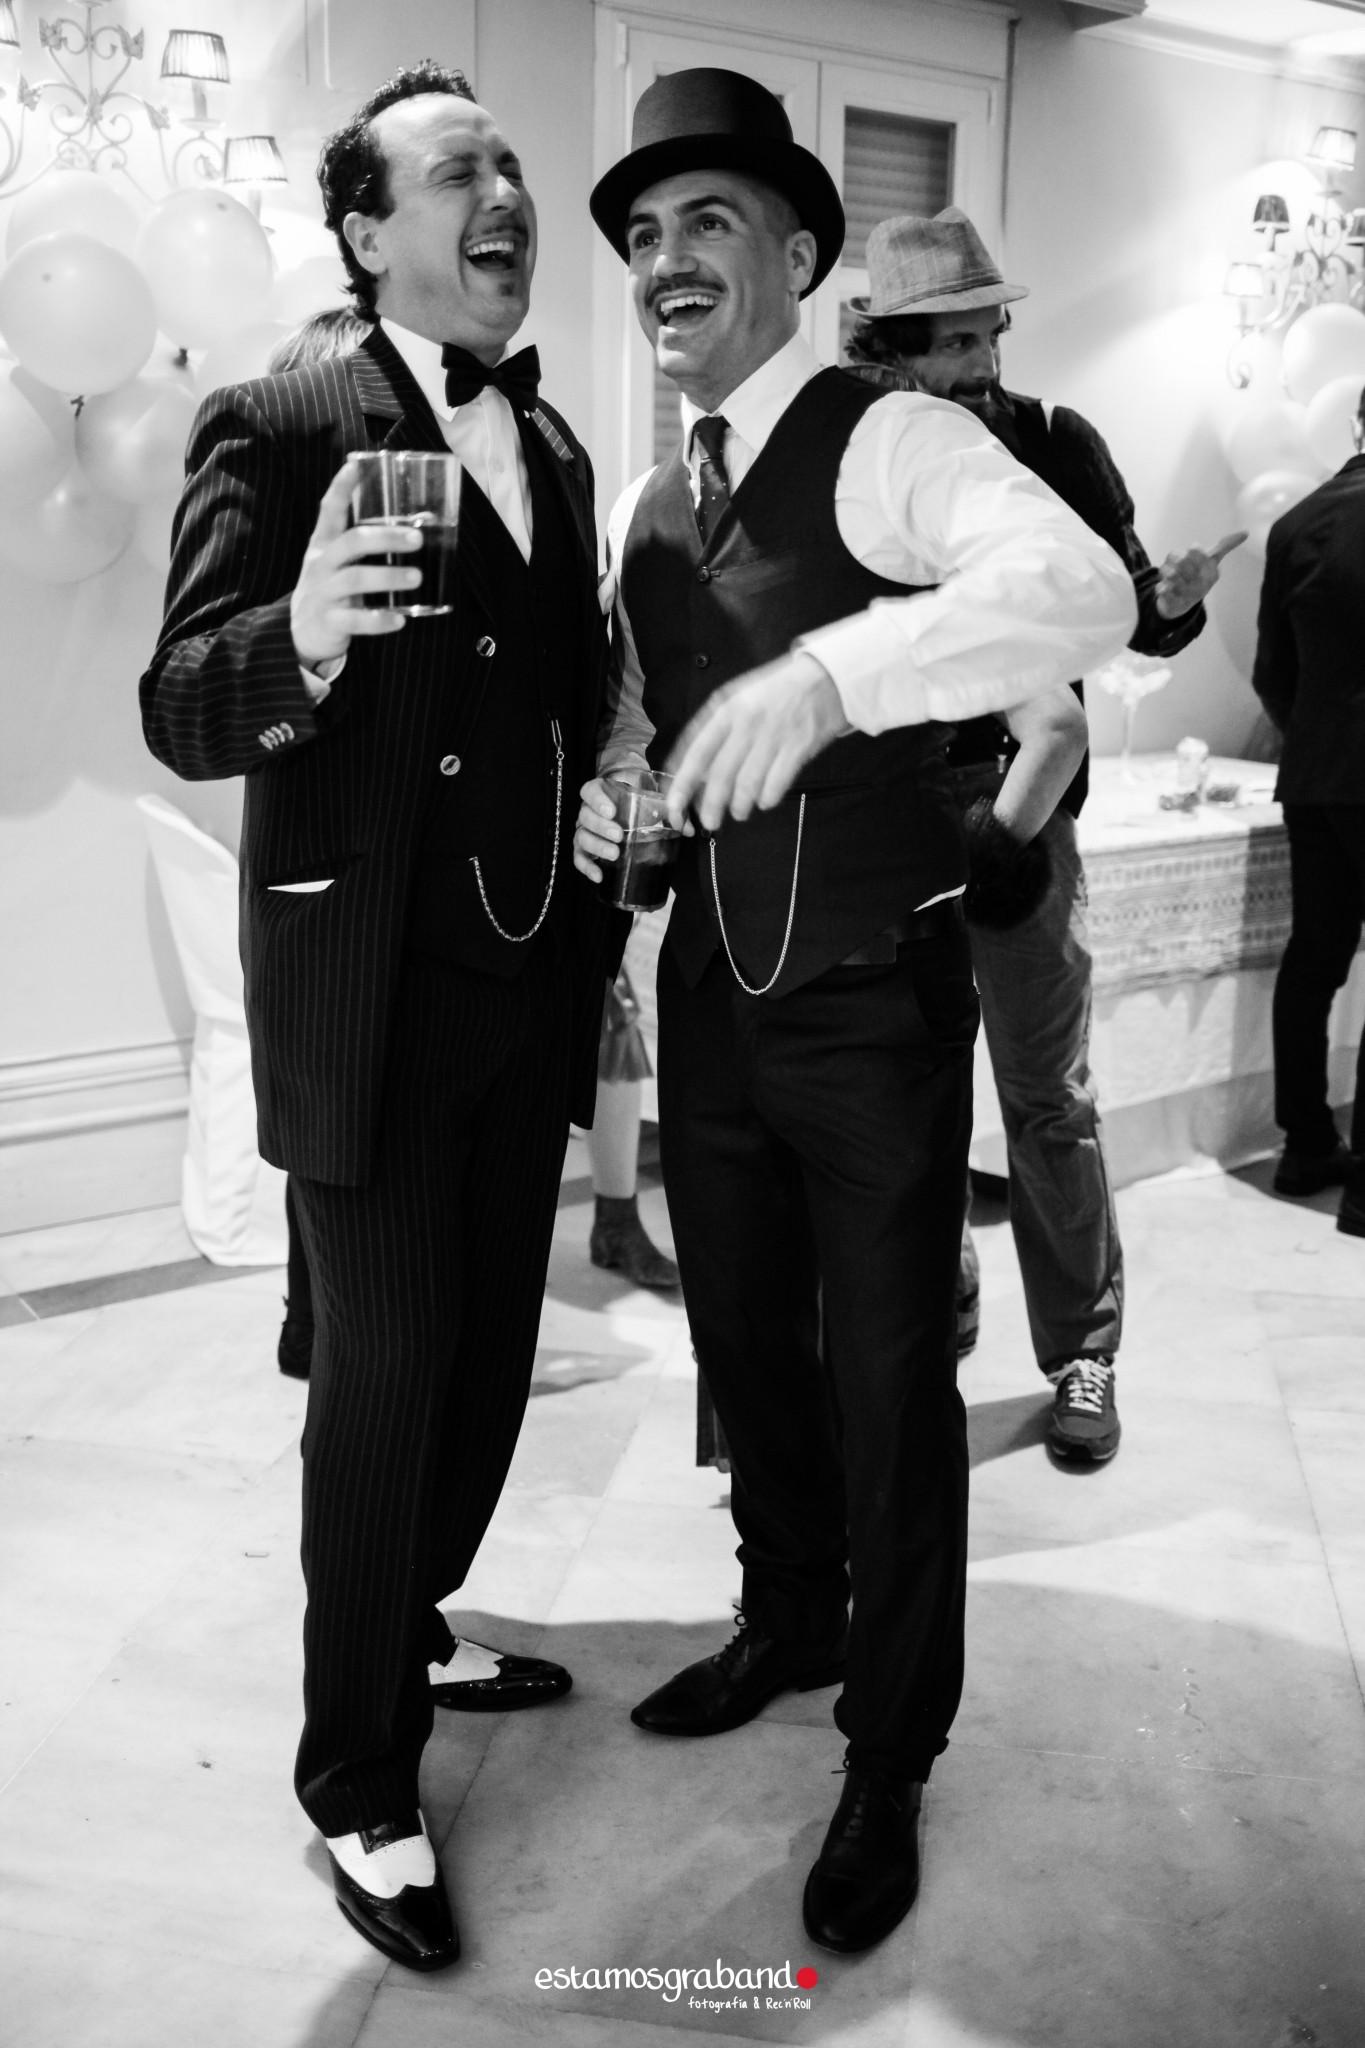 Años-20-BBTP-108-de-109 Los locos Años 20 [Fotografía en La Teta de Julieta, Cádiz] - video boda cadiz